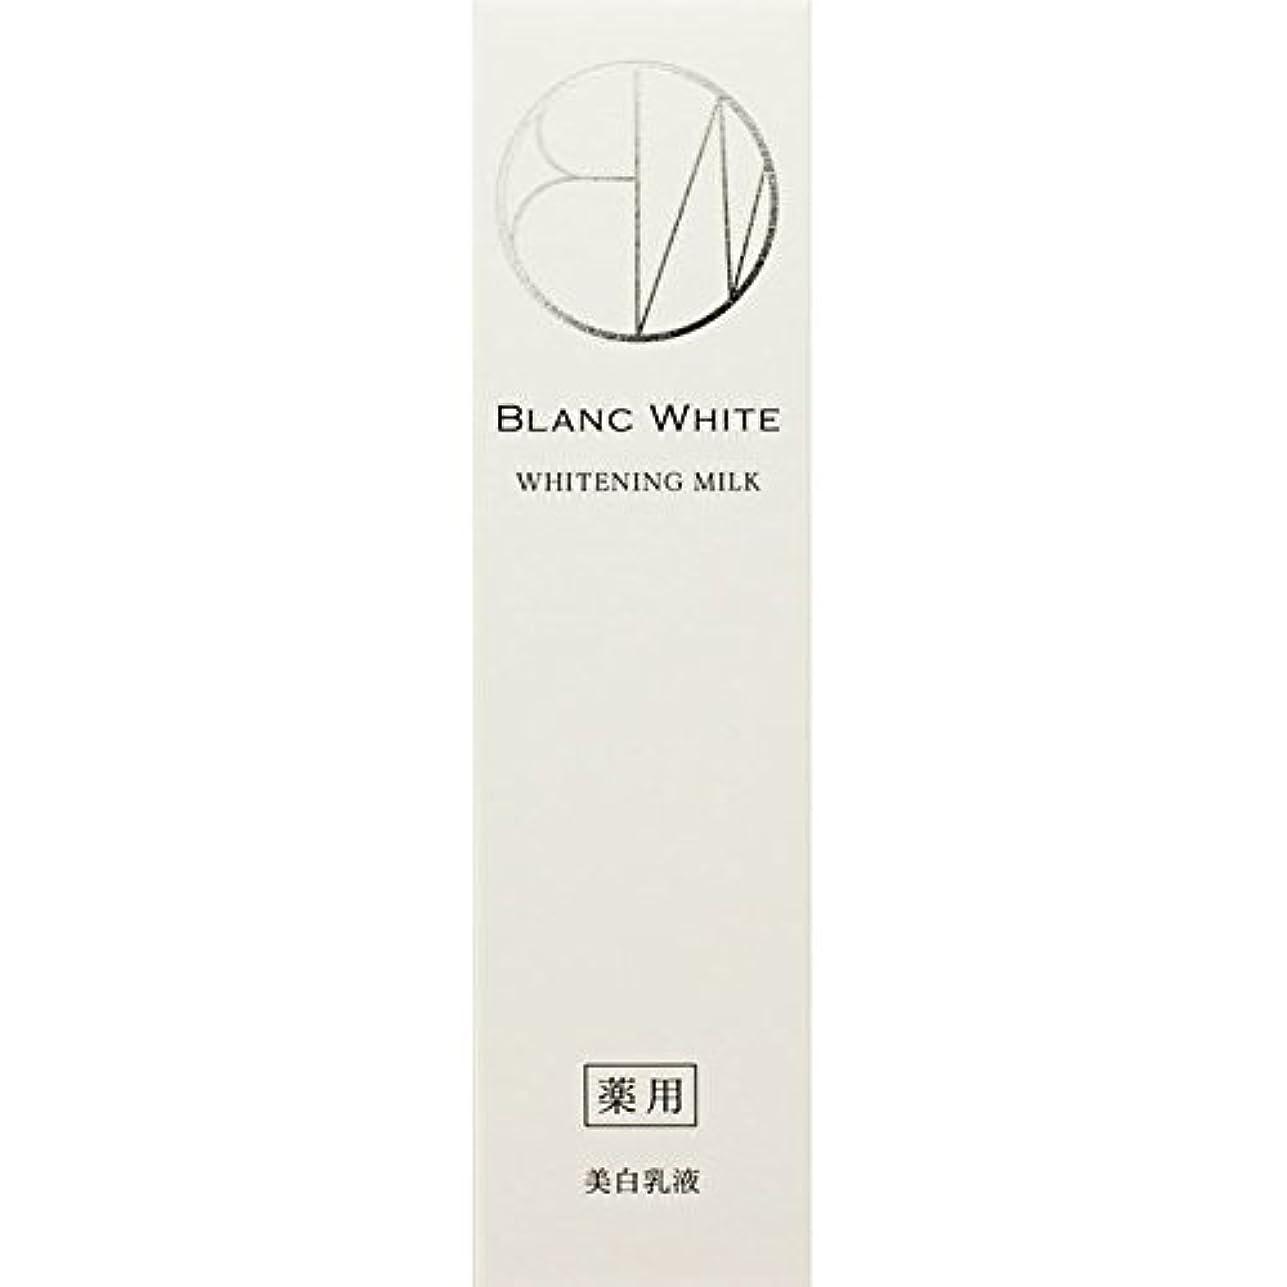 イヤホンクレジット浸漬ブランホワイト ホワイトニングミルク 125ml (医薬部外品)